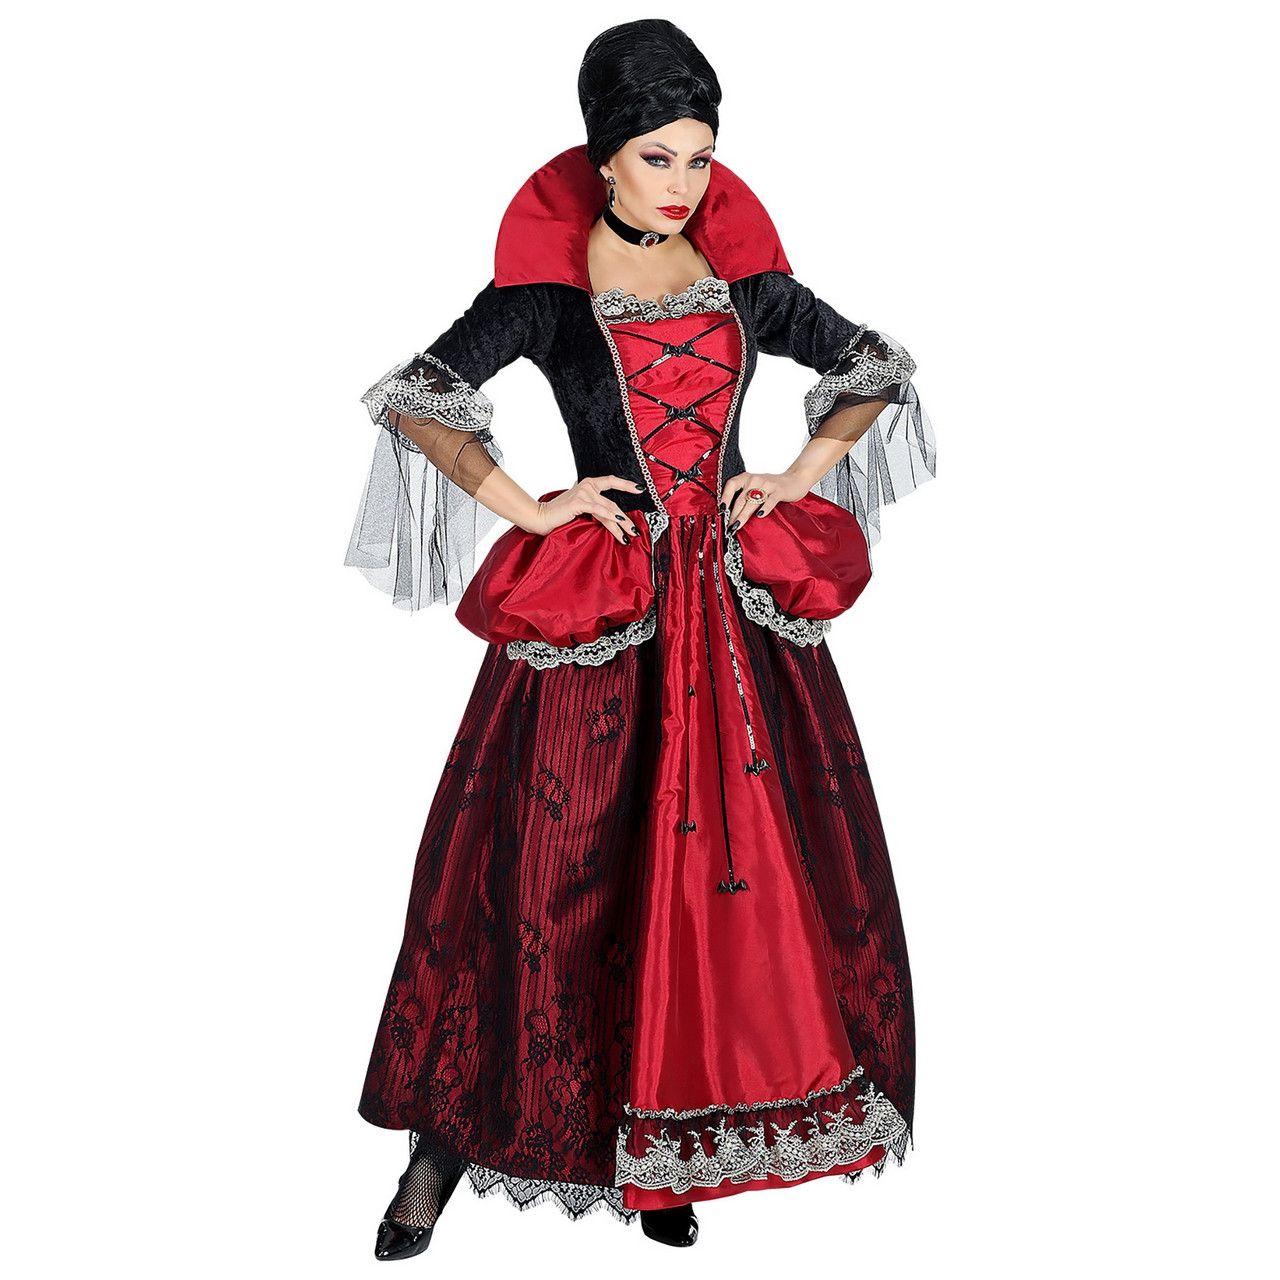 Venijnige Bloedzuchtige Vampier Vrouw Kostuum